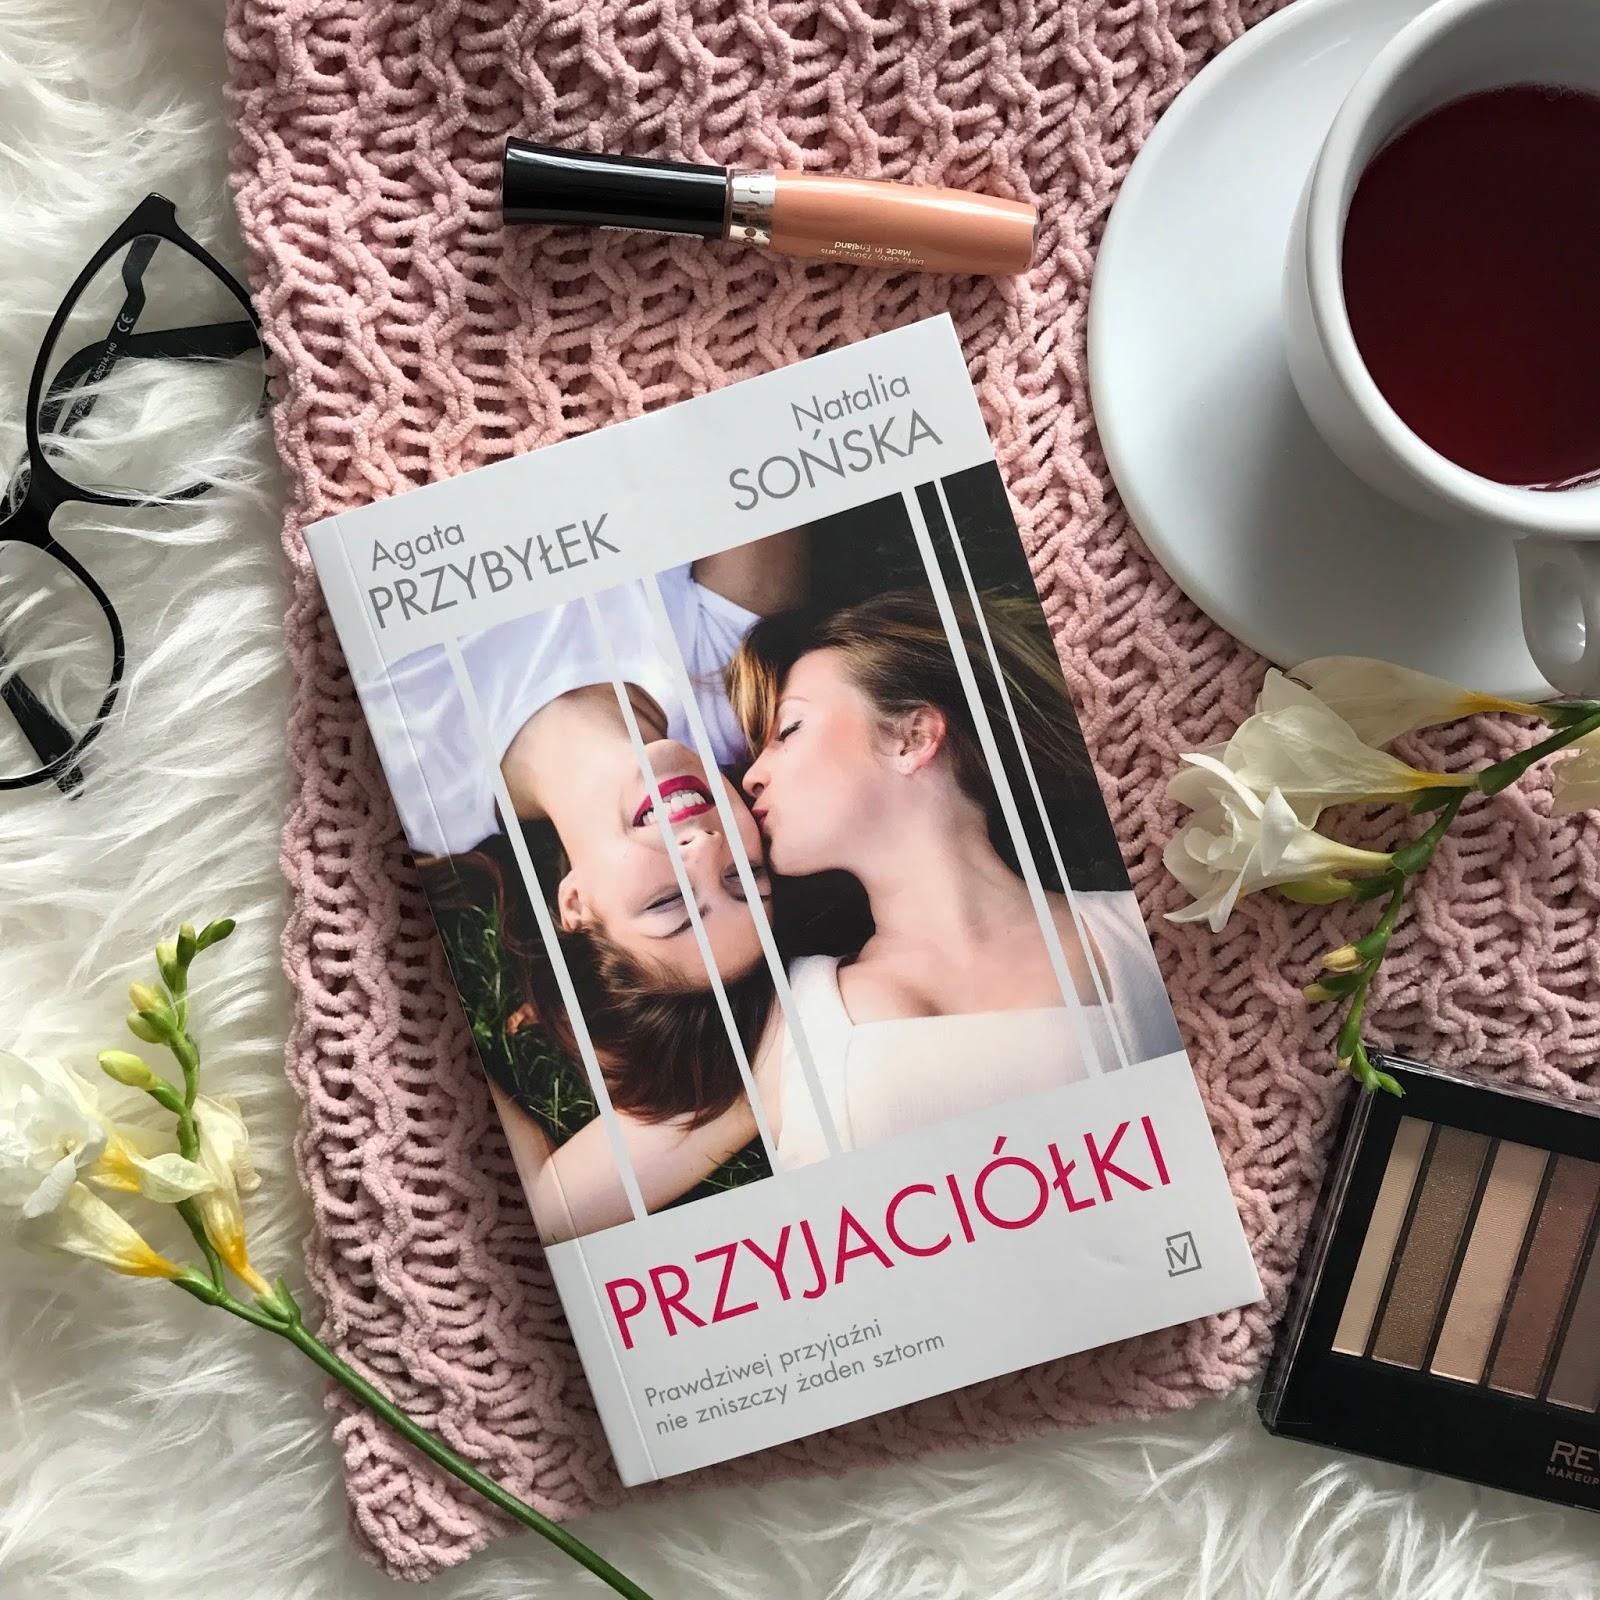 Agata Przybyłek, Natalia Sońska, Przyjaciółki